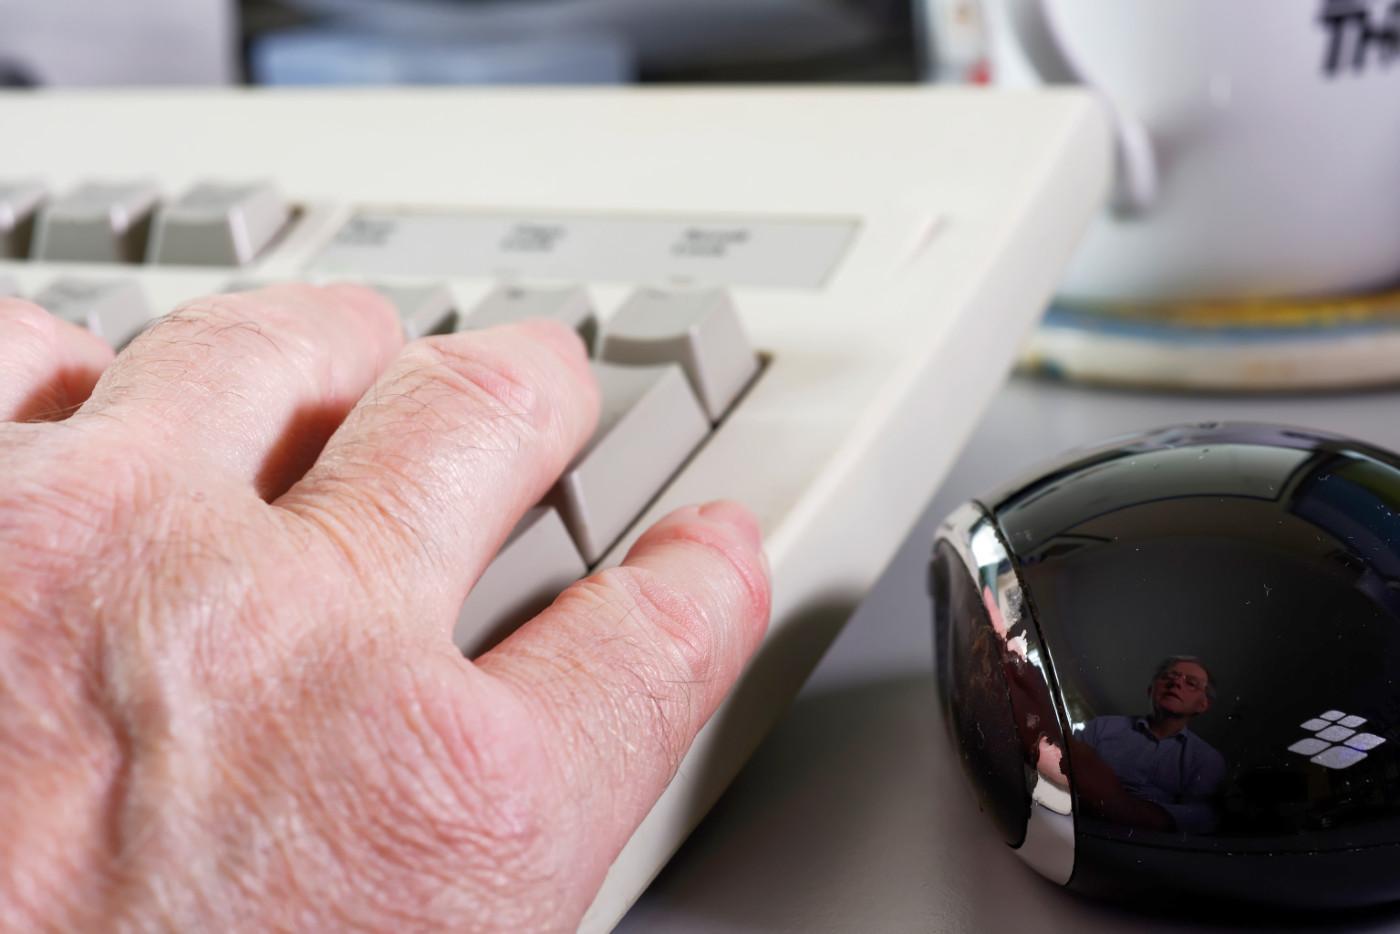 Mouse-back-close1_6767_PsC_sRGB.jpg